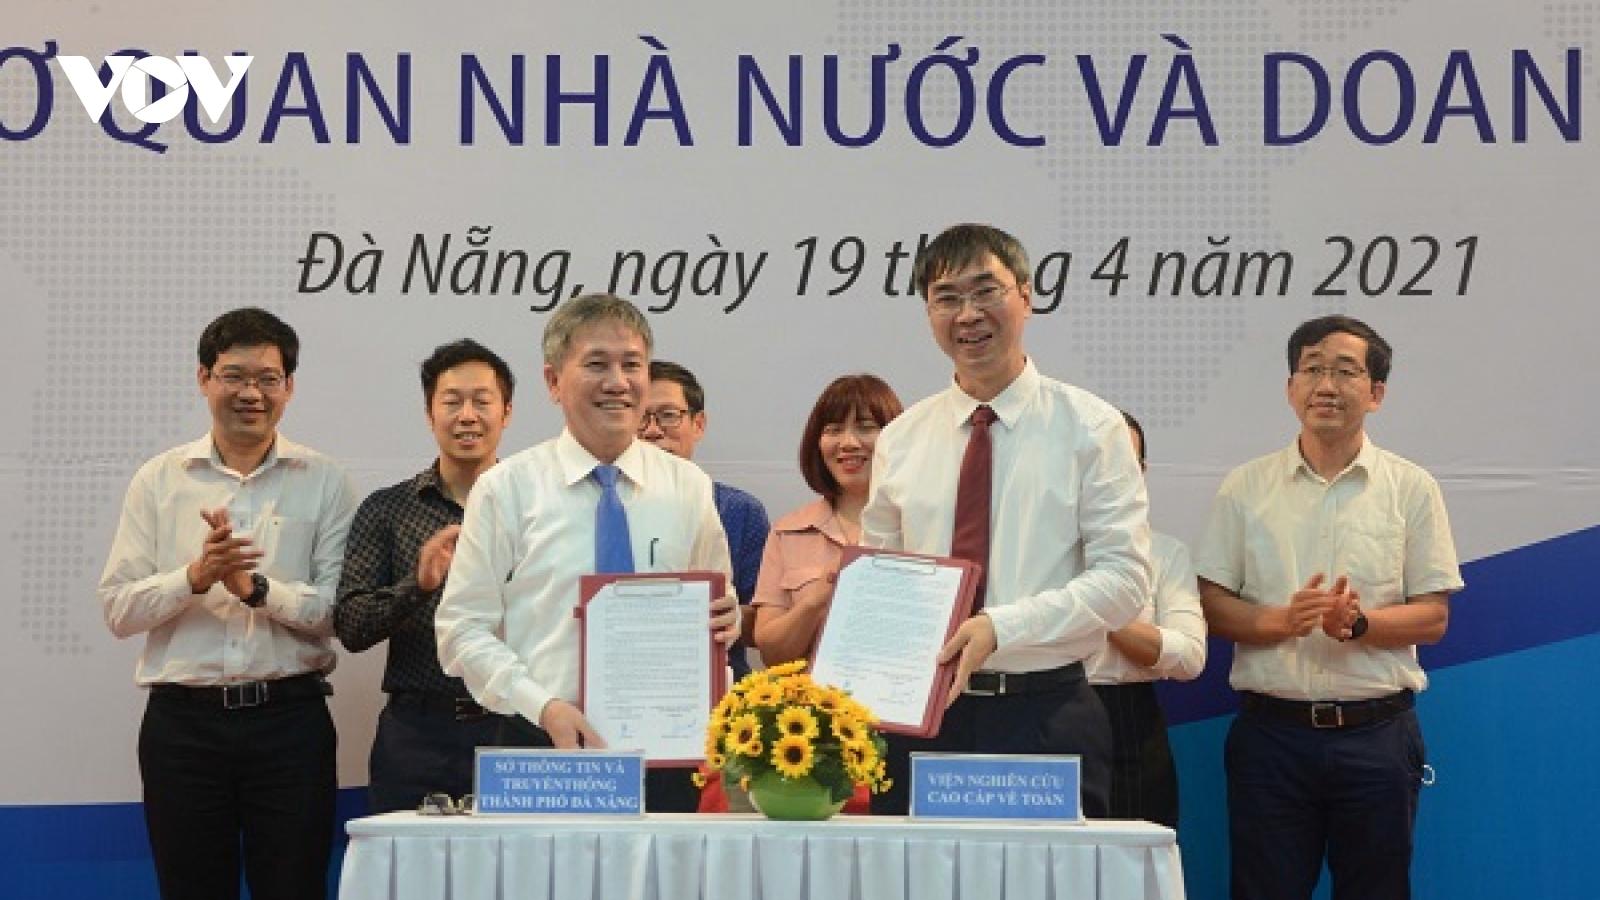 Chuyển đổi số đưa Đà Nẵng tiếp cận cuộc cách mạng công nghiệp 4.0